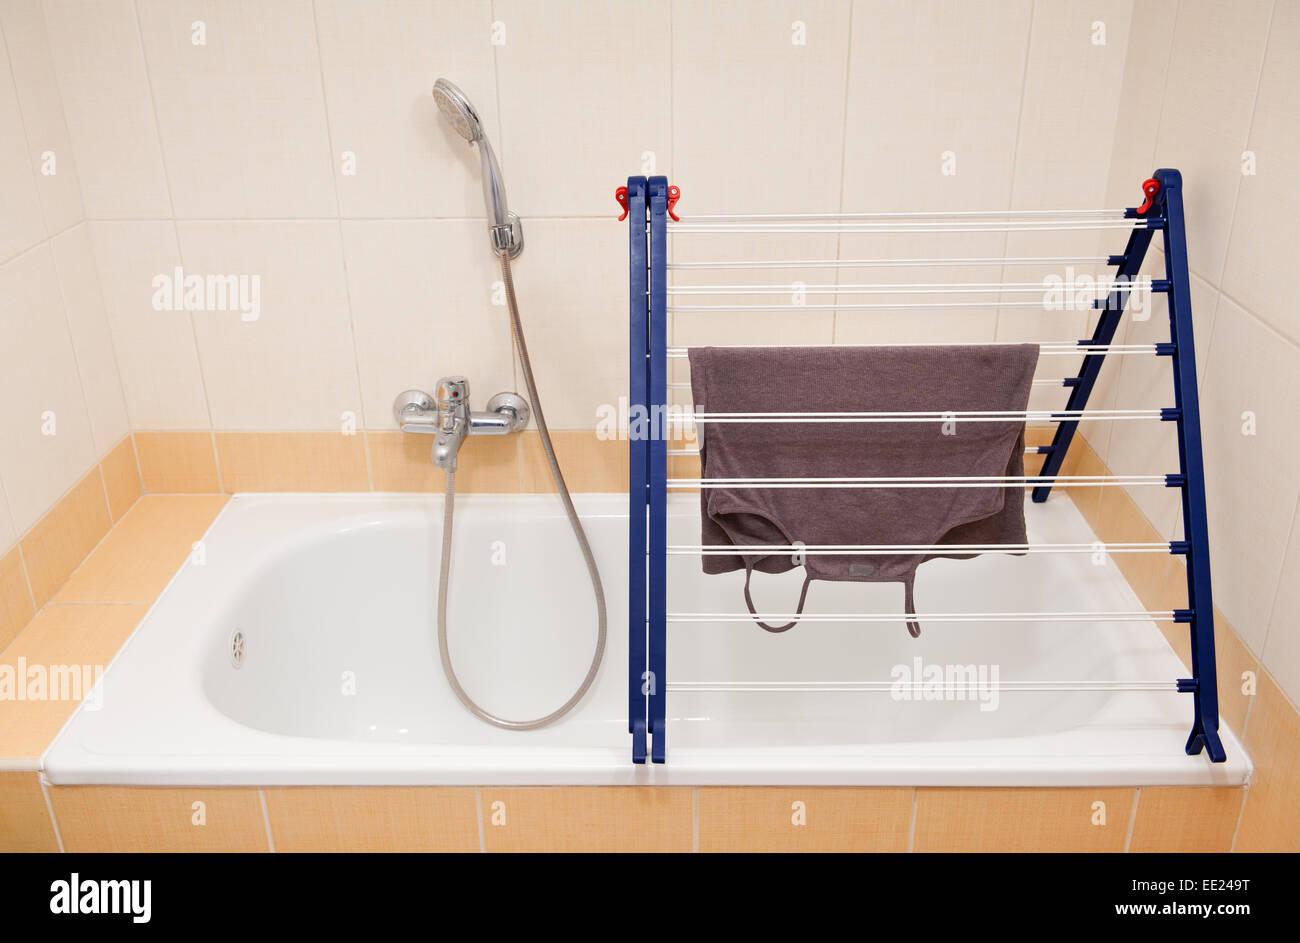 Vasca Da Bagno Pieghevole : Pieghevole stendibiancheria stendino su vasca da bagno foto